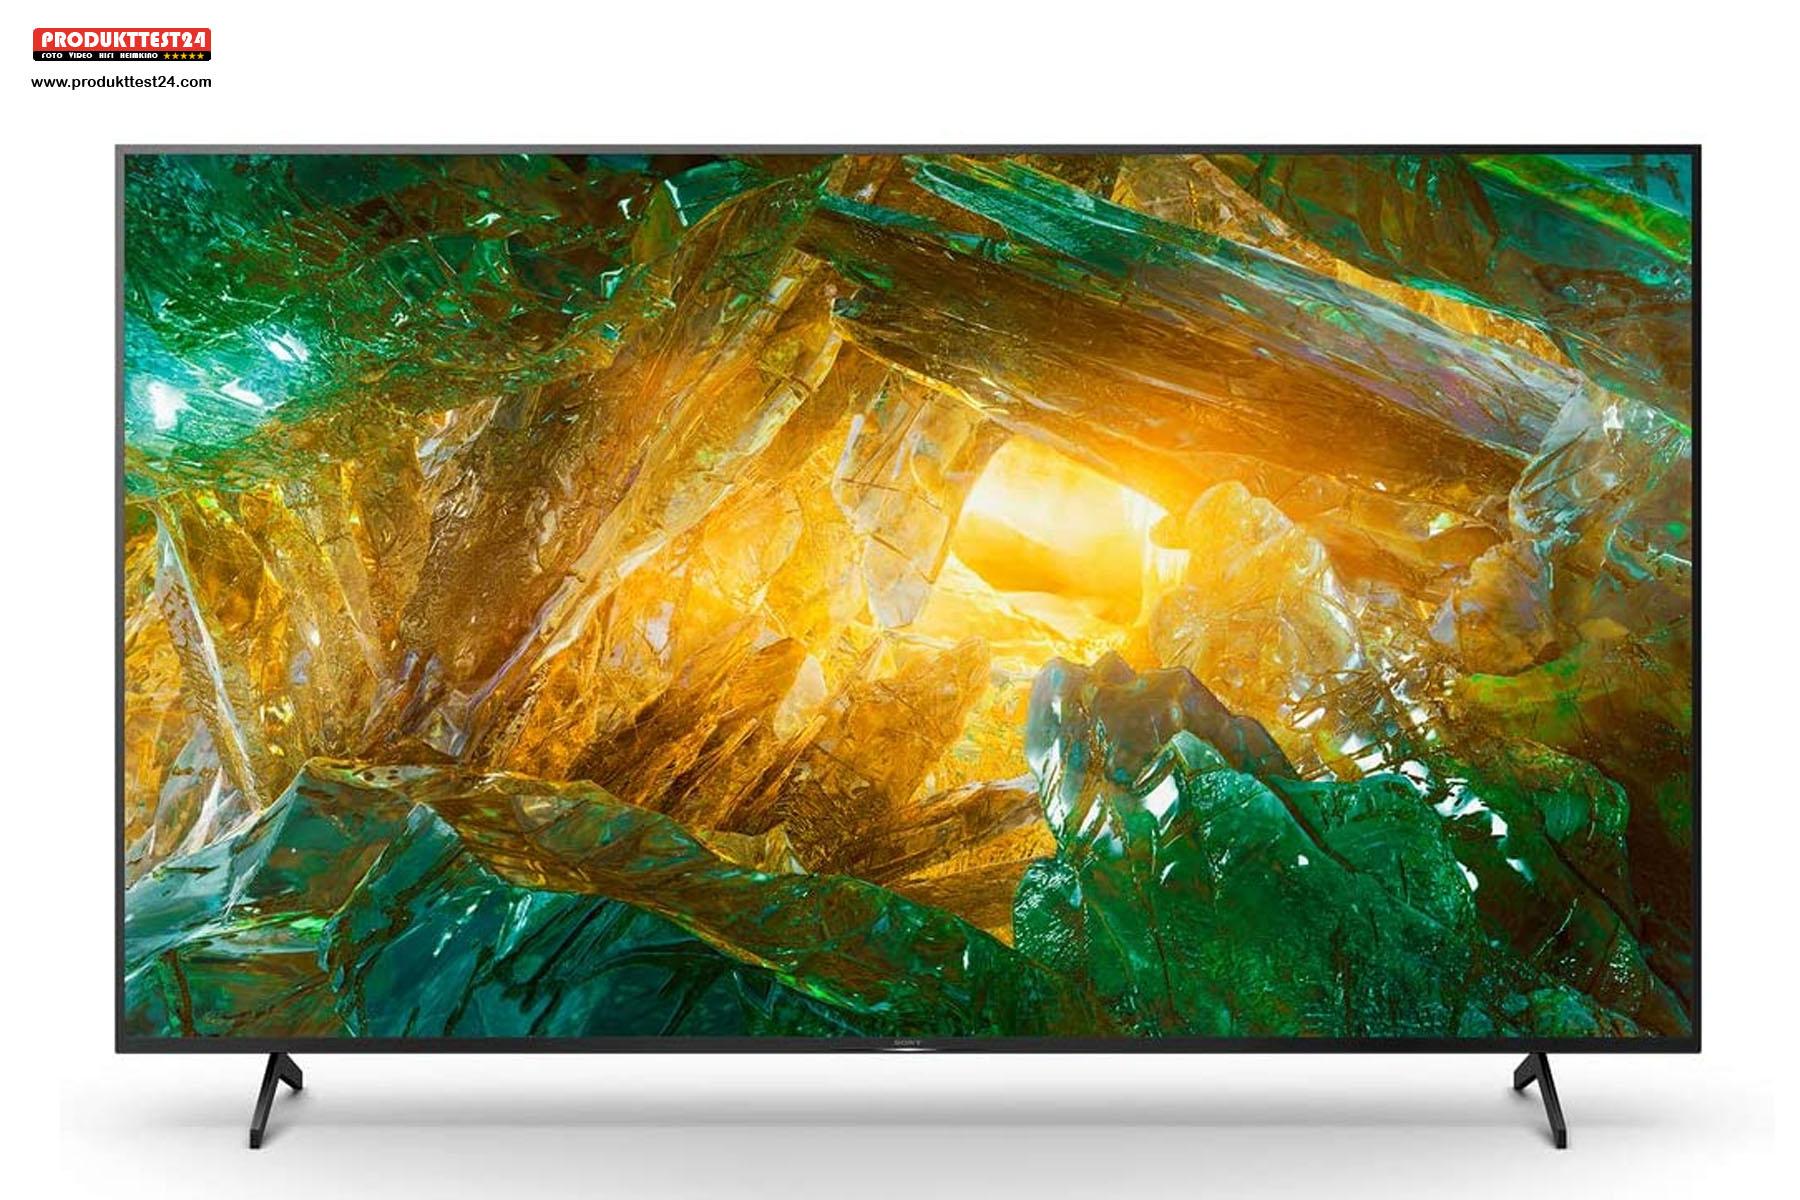 49 Zoll Bilddiagonale, Ultra HD Auflösung, Triple Tuner mit Aufnahmefunktion und Sprachsteuerung